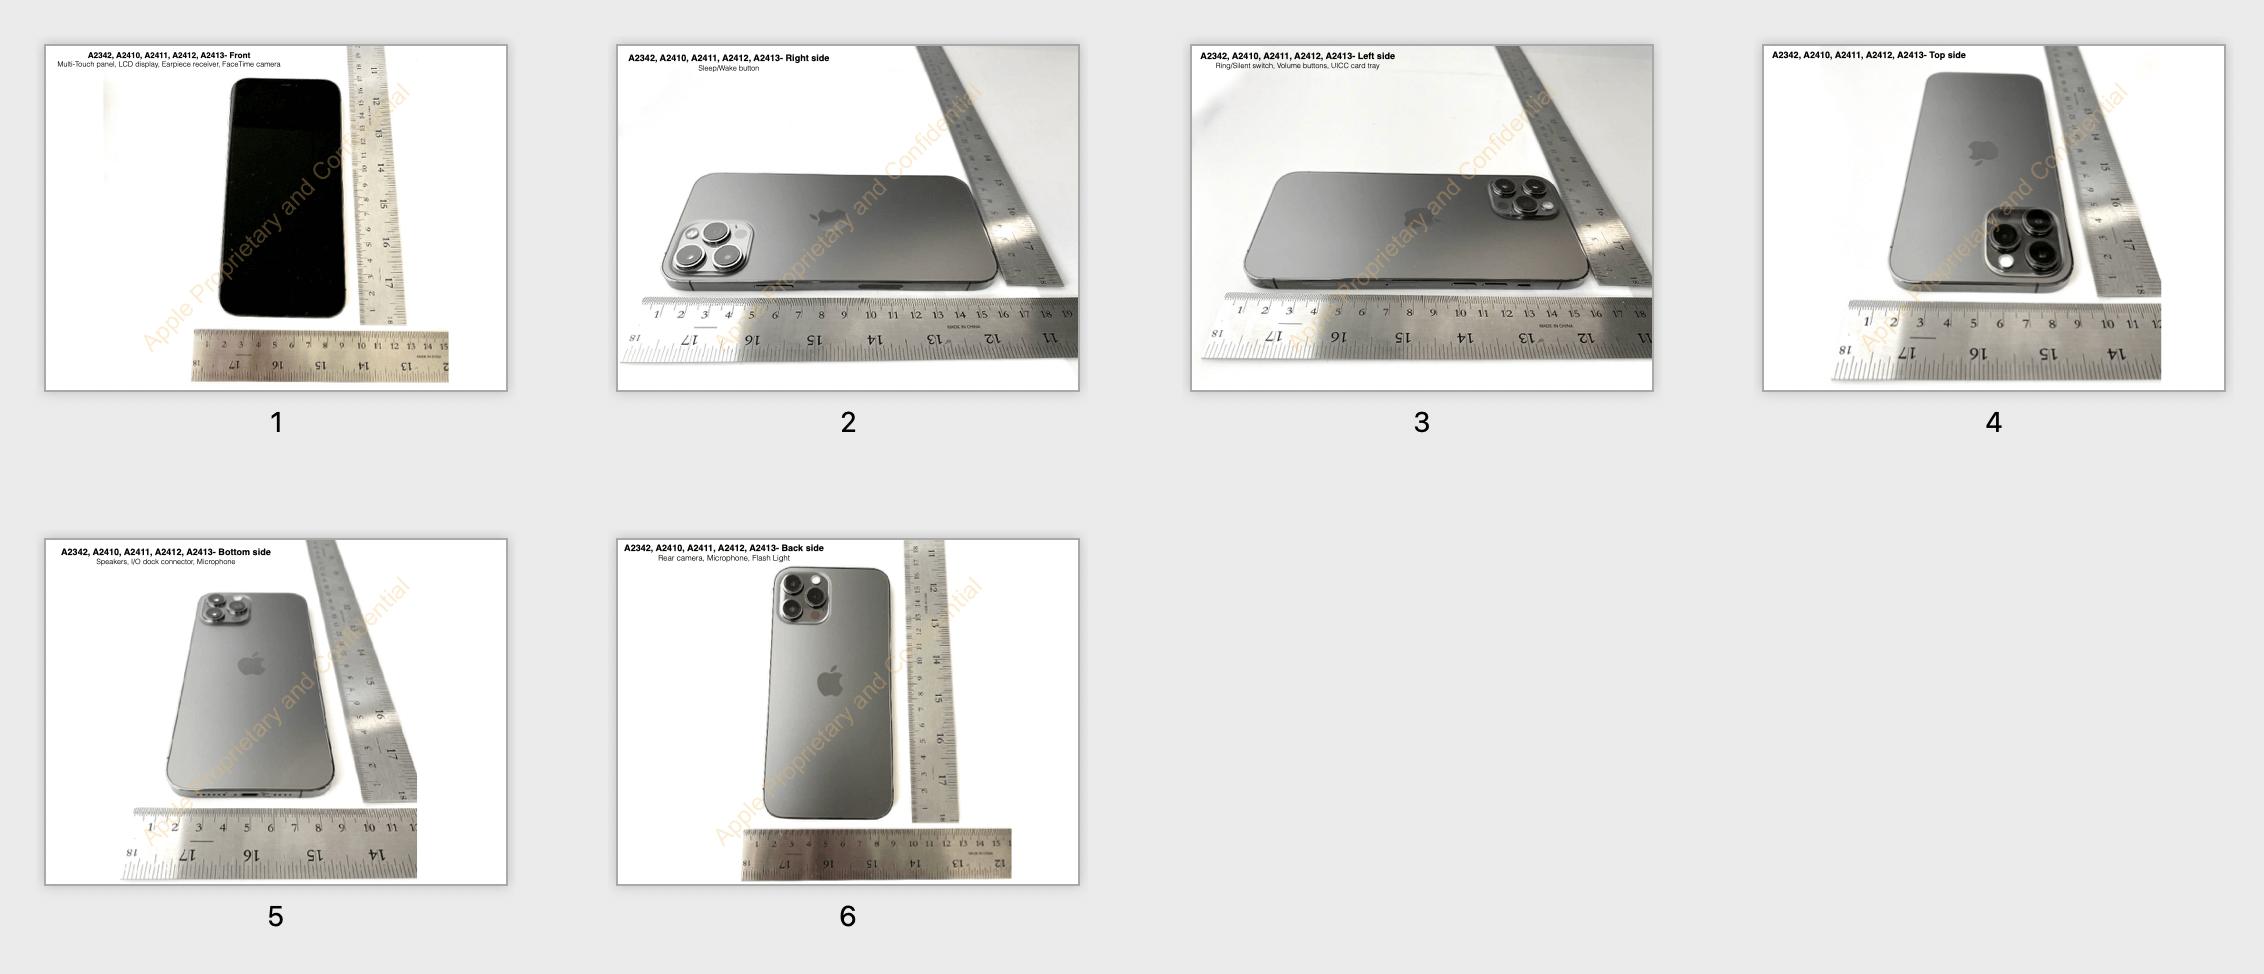 FCC 披露的 iPhone 12 Pro 外部照片